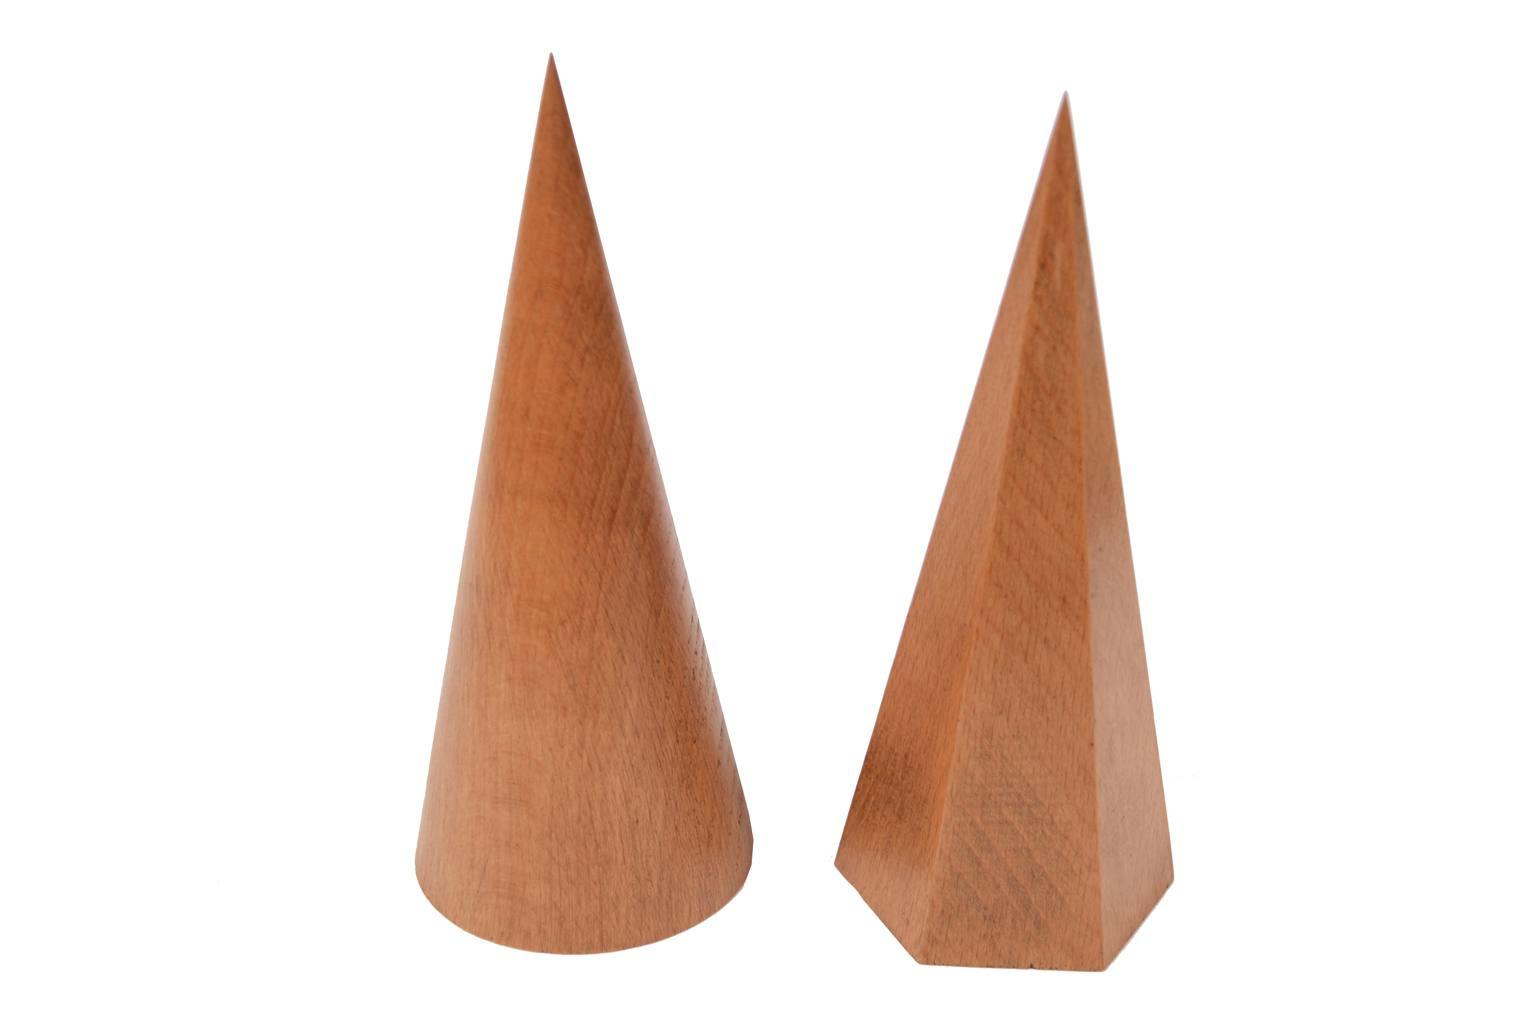 Strumenti di misura antichi/6115-6 solidi geometrici